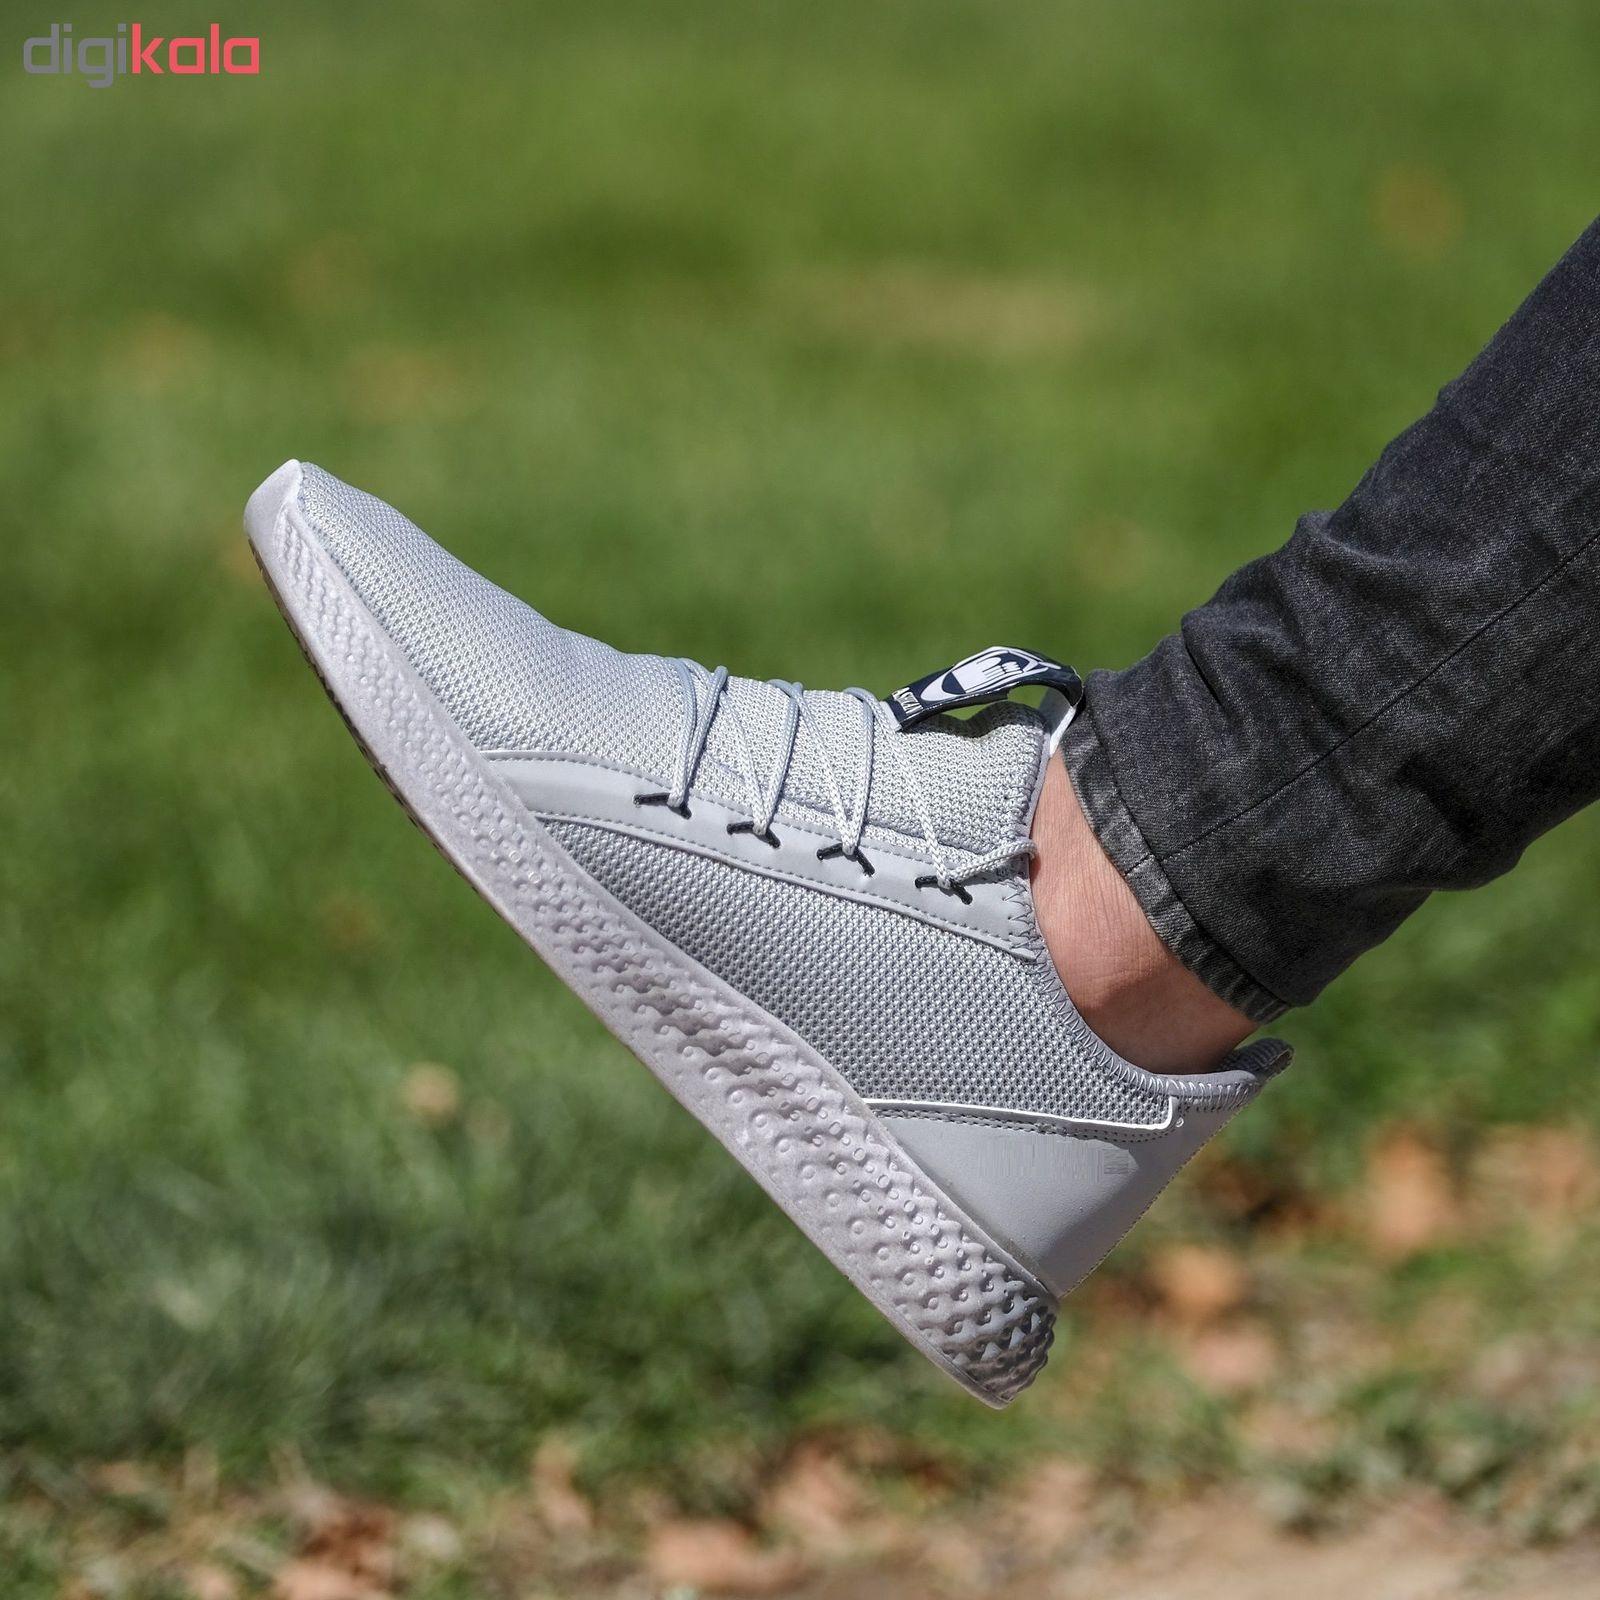 کفش مخصوص پیاده روی مردانه مدل adi-super رنگ طوسی main 1 6